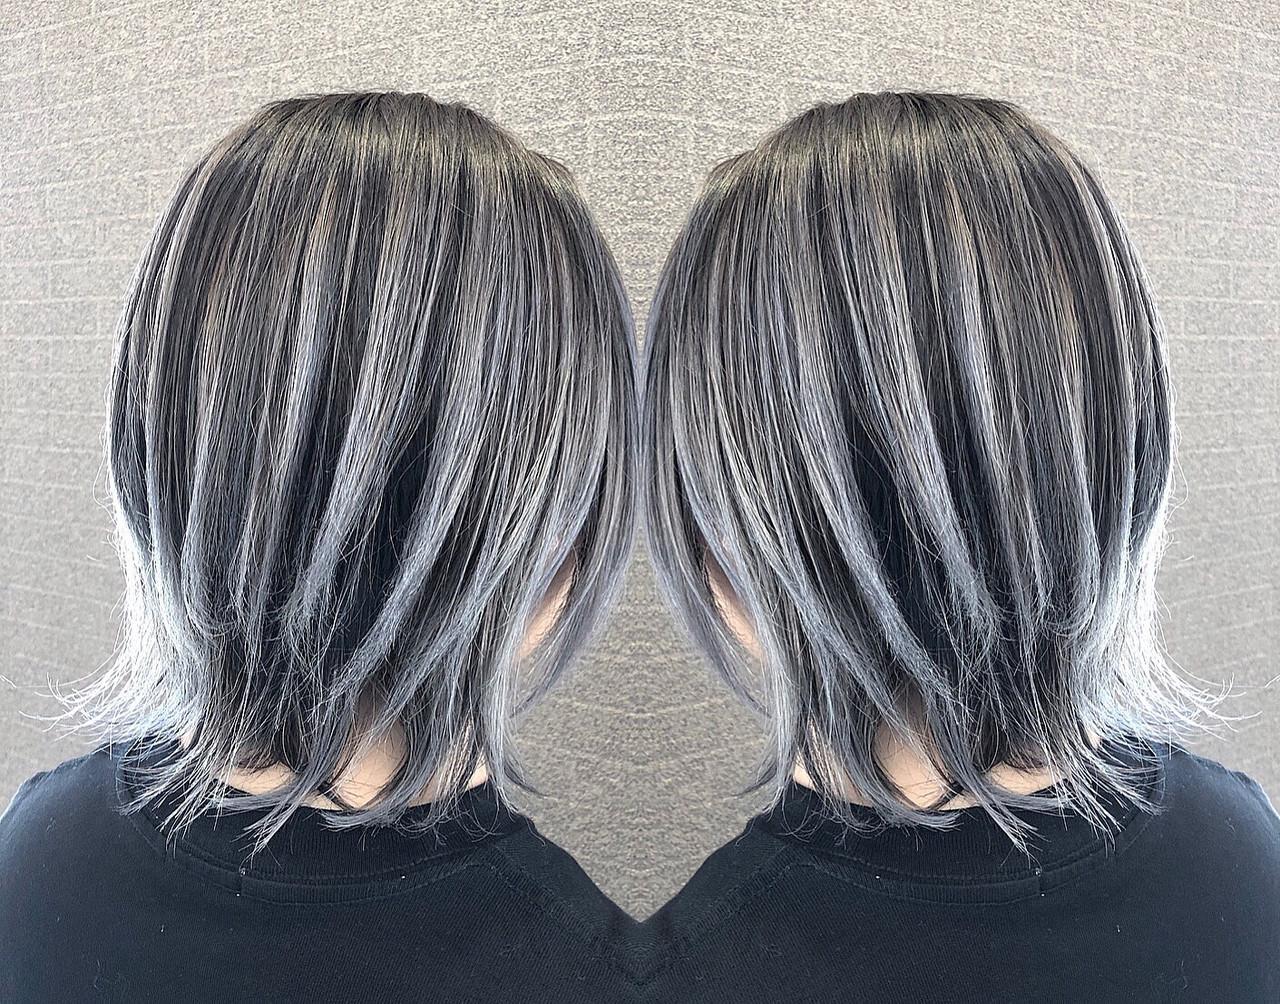 ショート 外国人風カラー 外国人風 バレイヤージュ ヘアスタイルや髪型の写真・画像 | アンドウ ユウ / agu hair edge